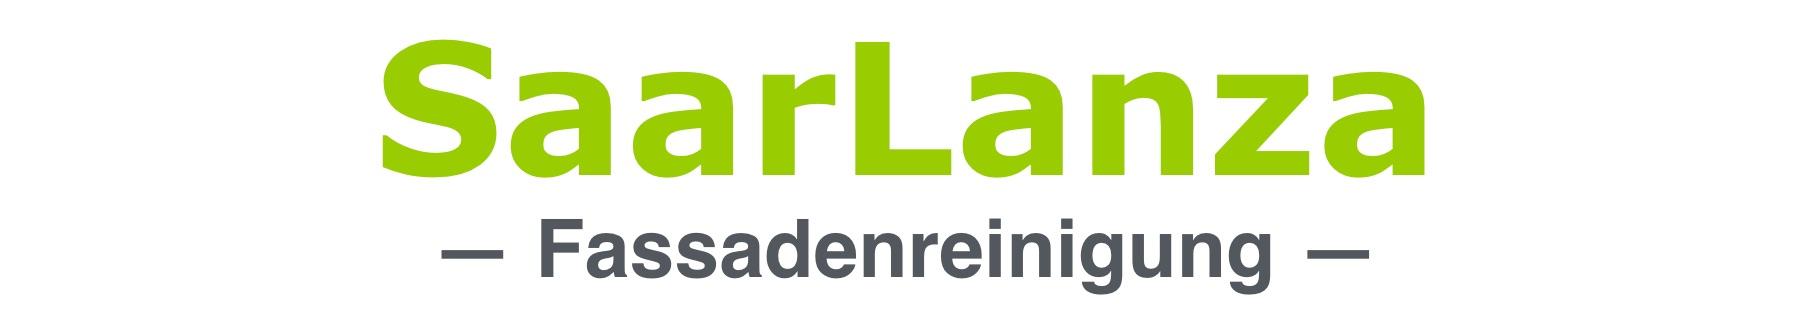 SaarLanza-Fassadenreinigung